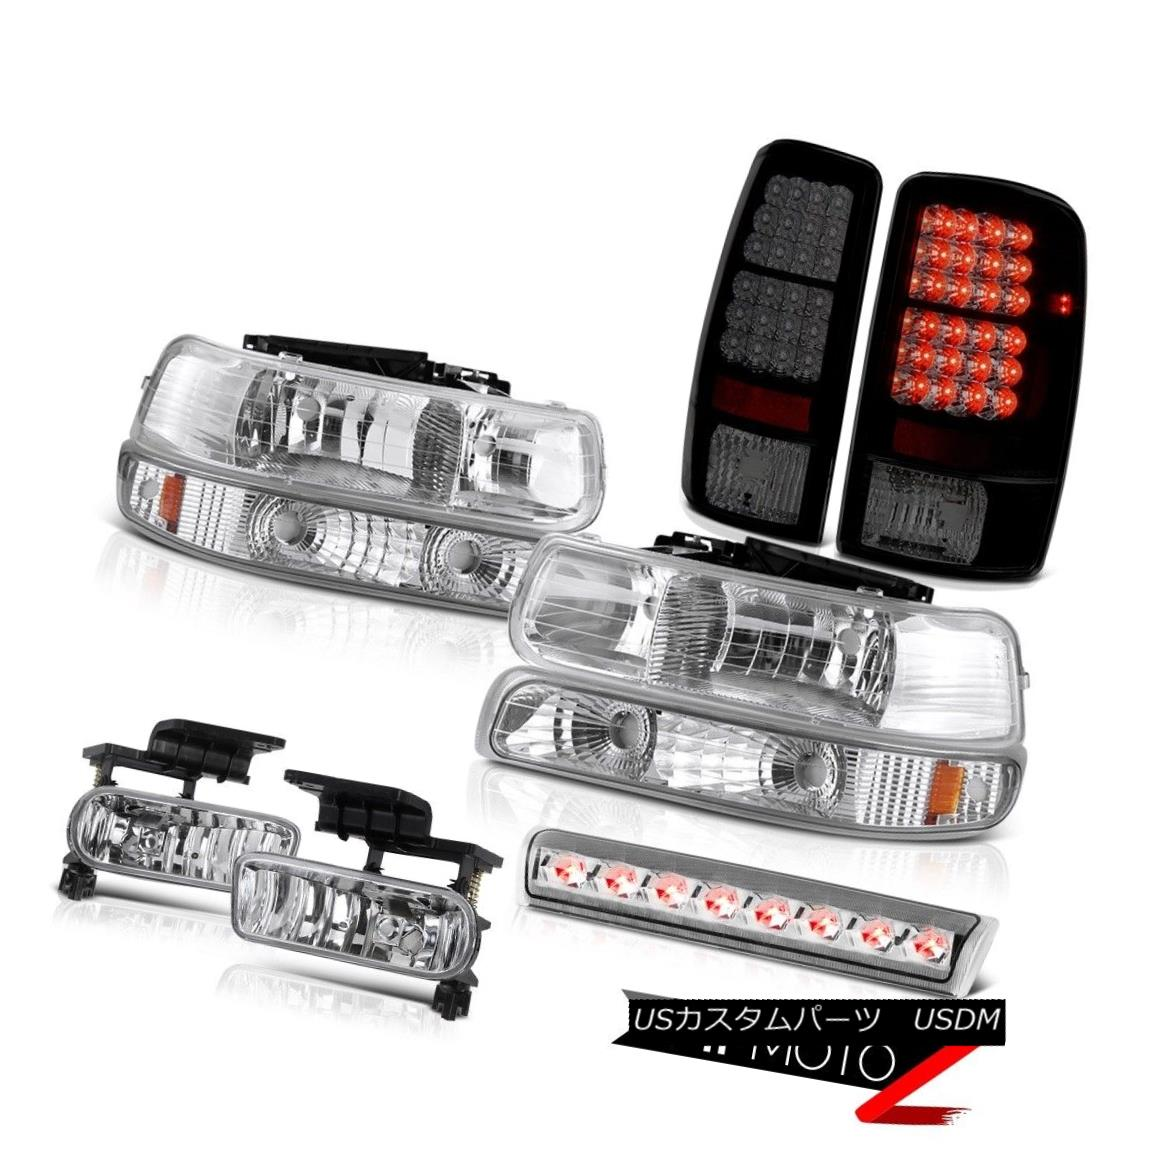 ヘッドライト 00 01 02 03 04 05 06 Suburban LS Chrome headlights tail lamps fog high stop Lamp 00 01 02 03 04 05 06郊外LSクロームヘッドライトテールランプ霧ハイストップランプ